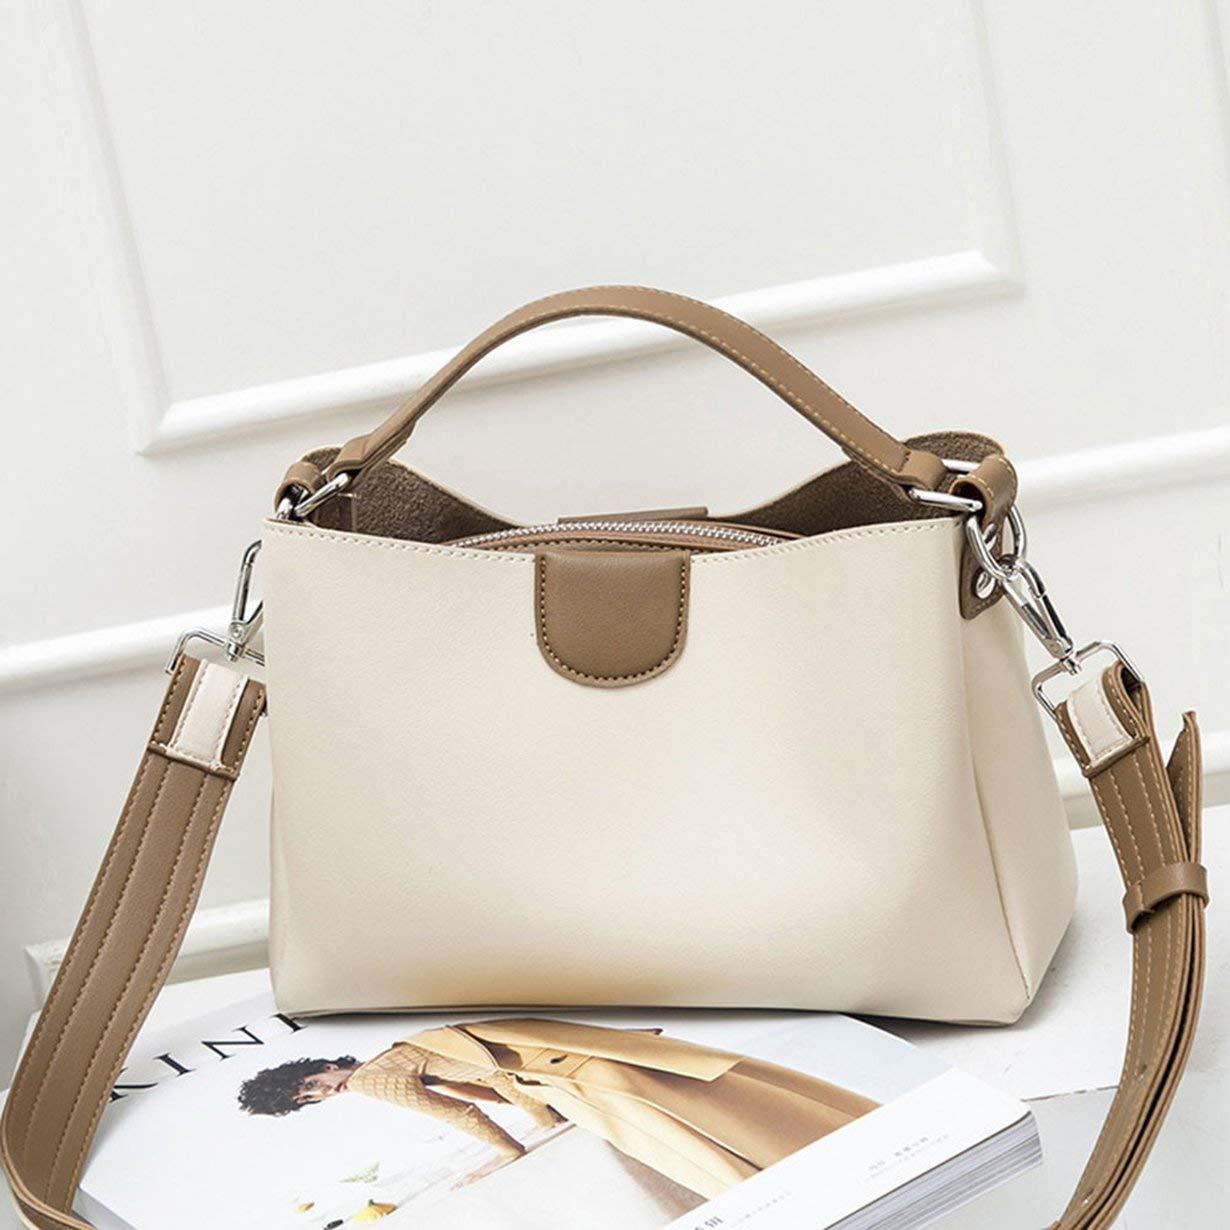 FEKETEUKI Pu Leather Bag Single Shoulder Bag Lady Bag Simple Fashion Multifunctional Handbag Inclined Shoulder Bag 1